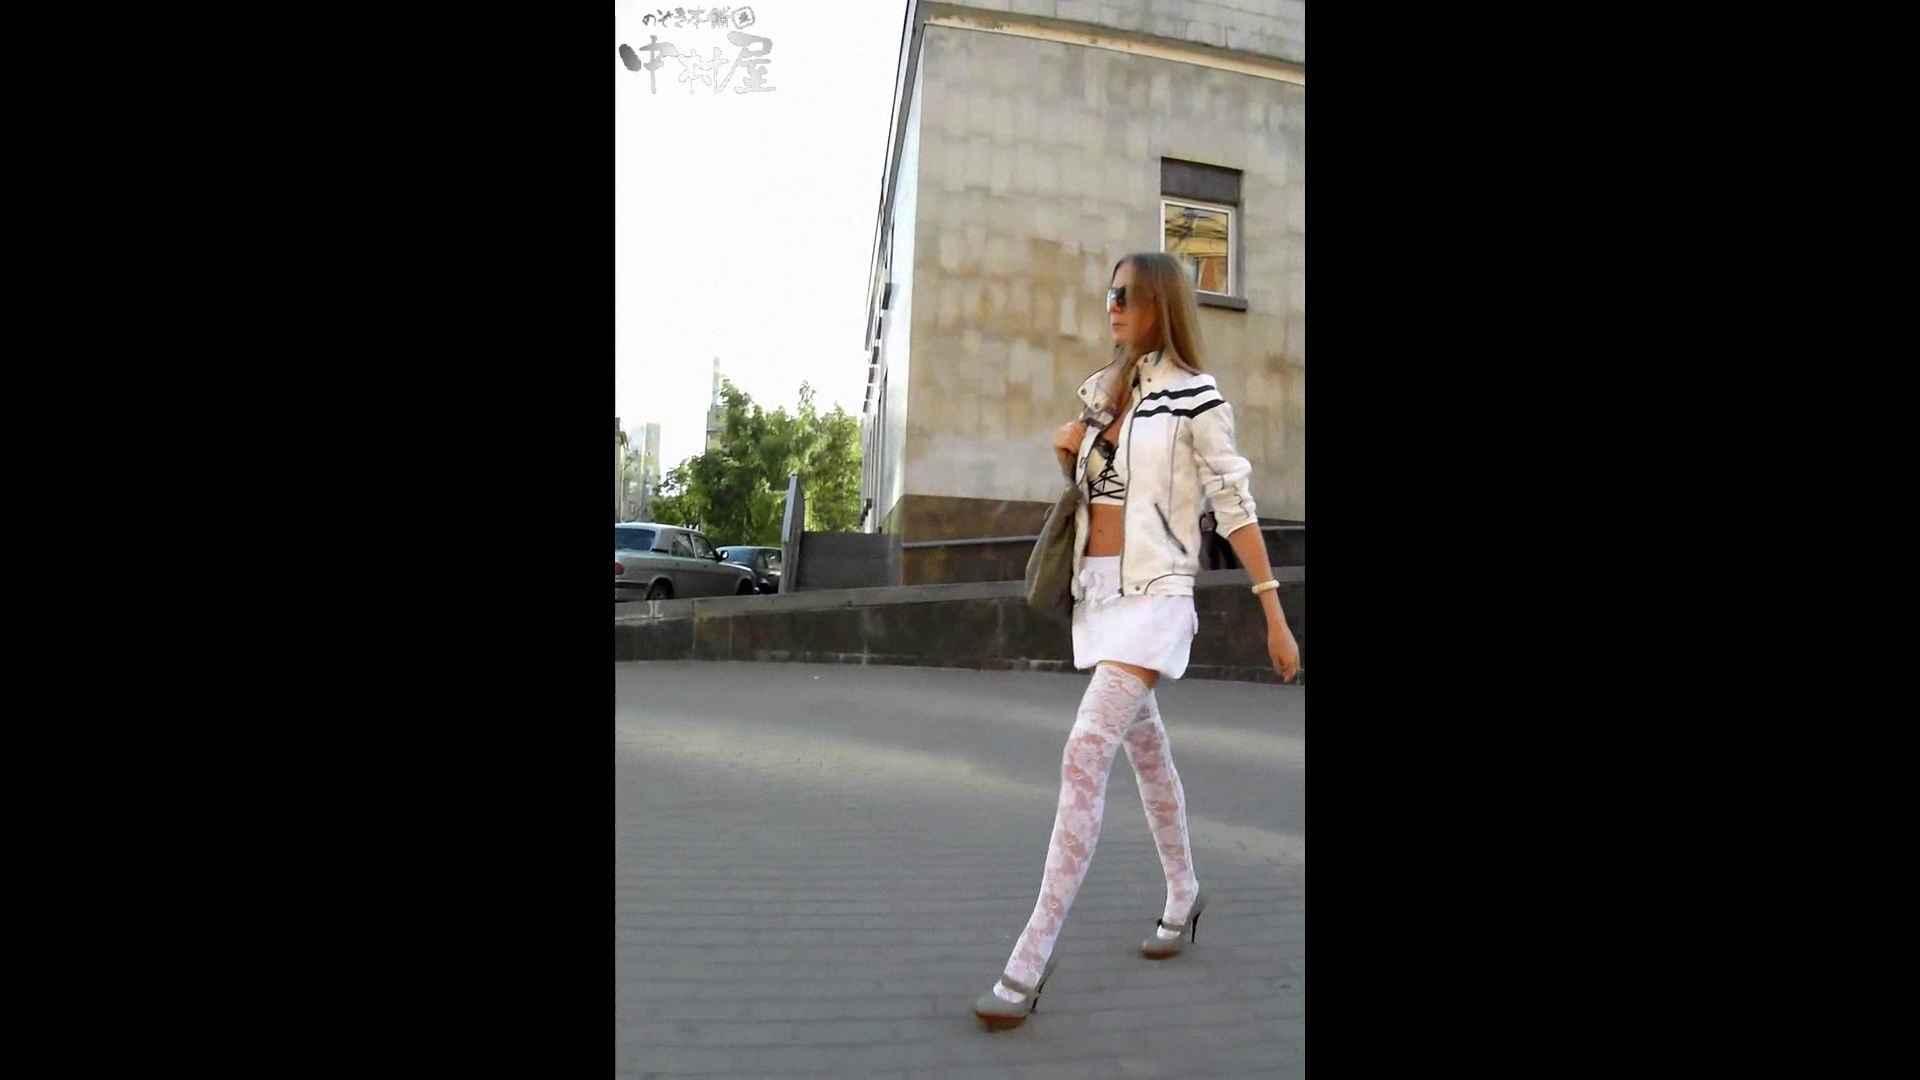 綺麗なモデルさんのスカート捲っちゃおう‼ vol16 お姉さんのエロ動画  106PIX 34